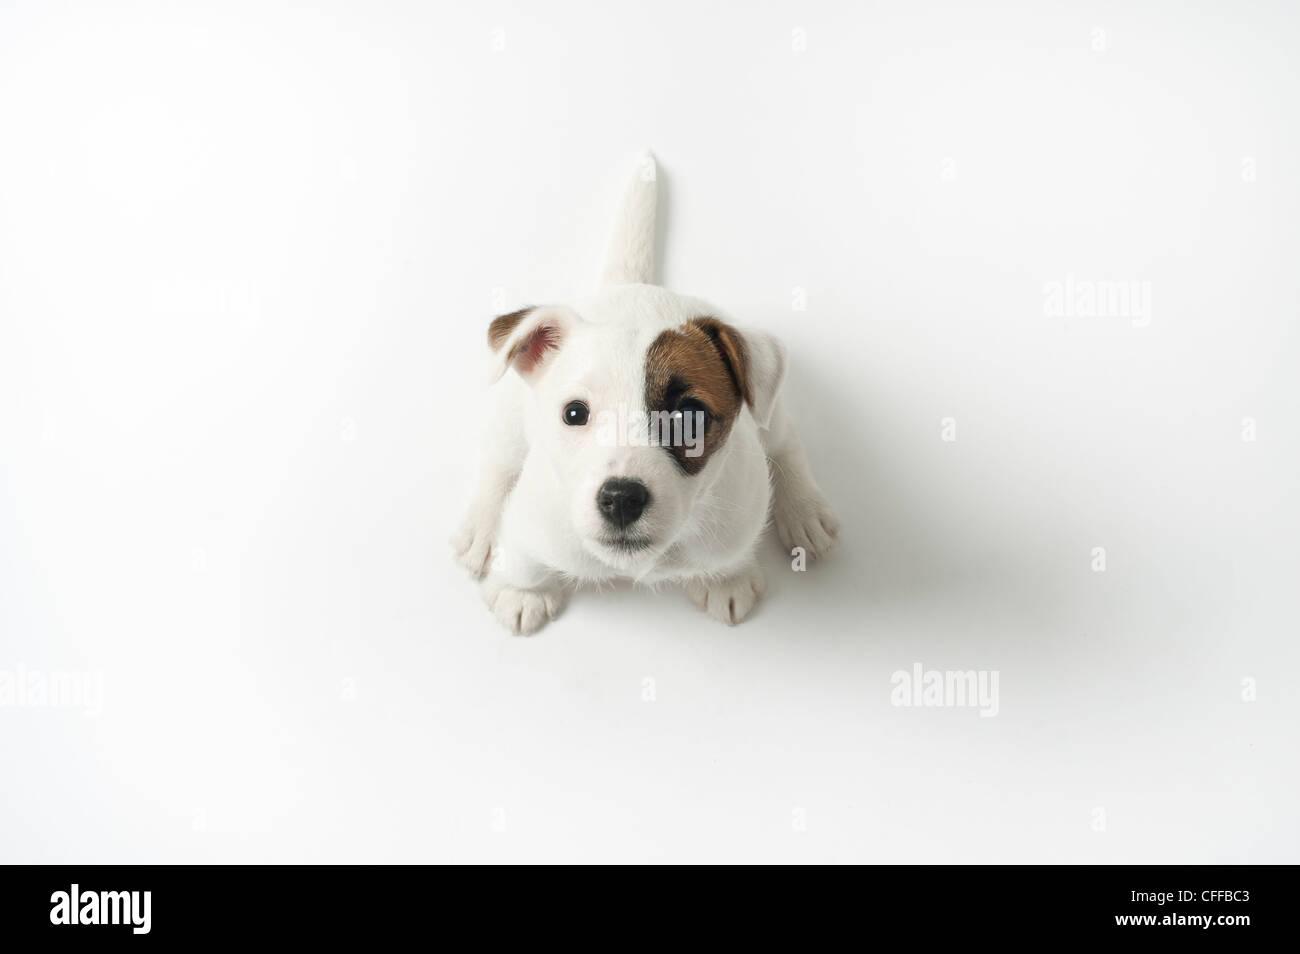 Jack Russell cucciolo guardando verso l'alto. Foto Stock